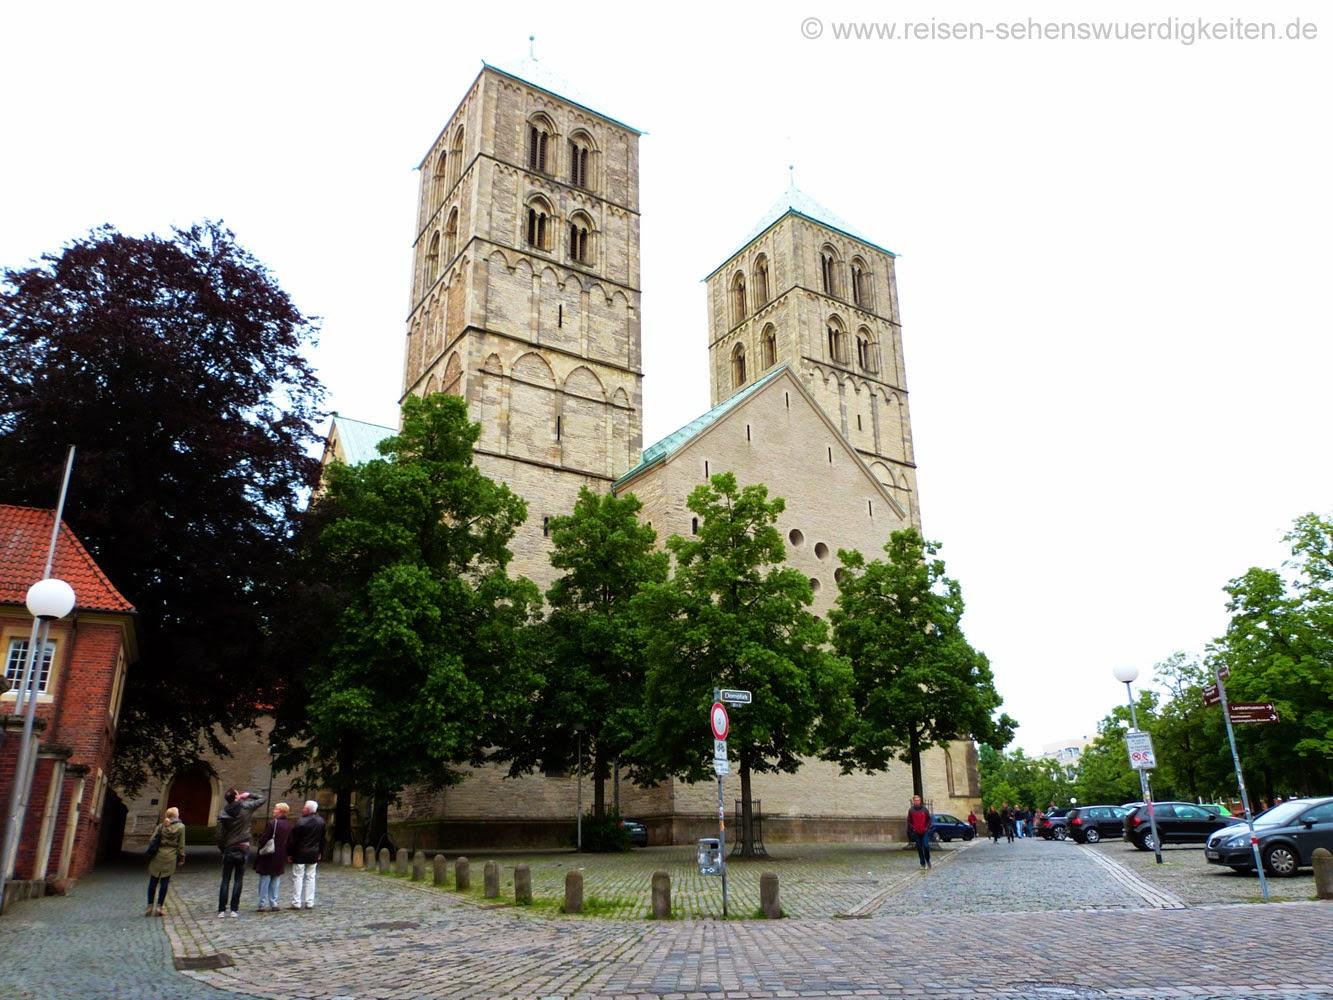 Sehenswürdigekeiten in Münster, St. Paulus Dom Münster